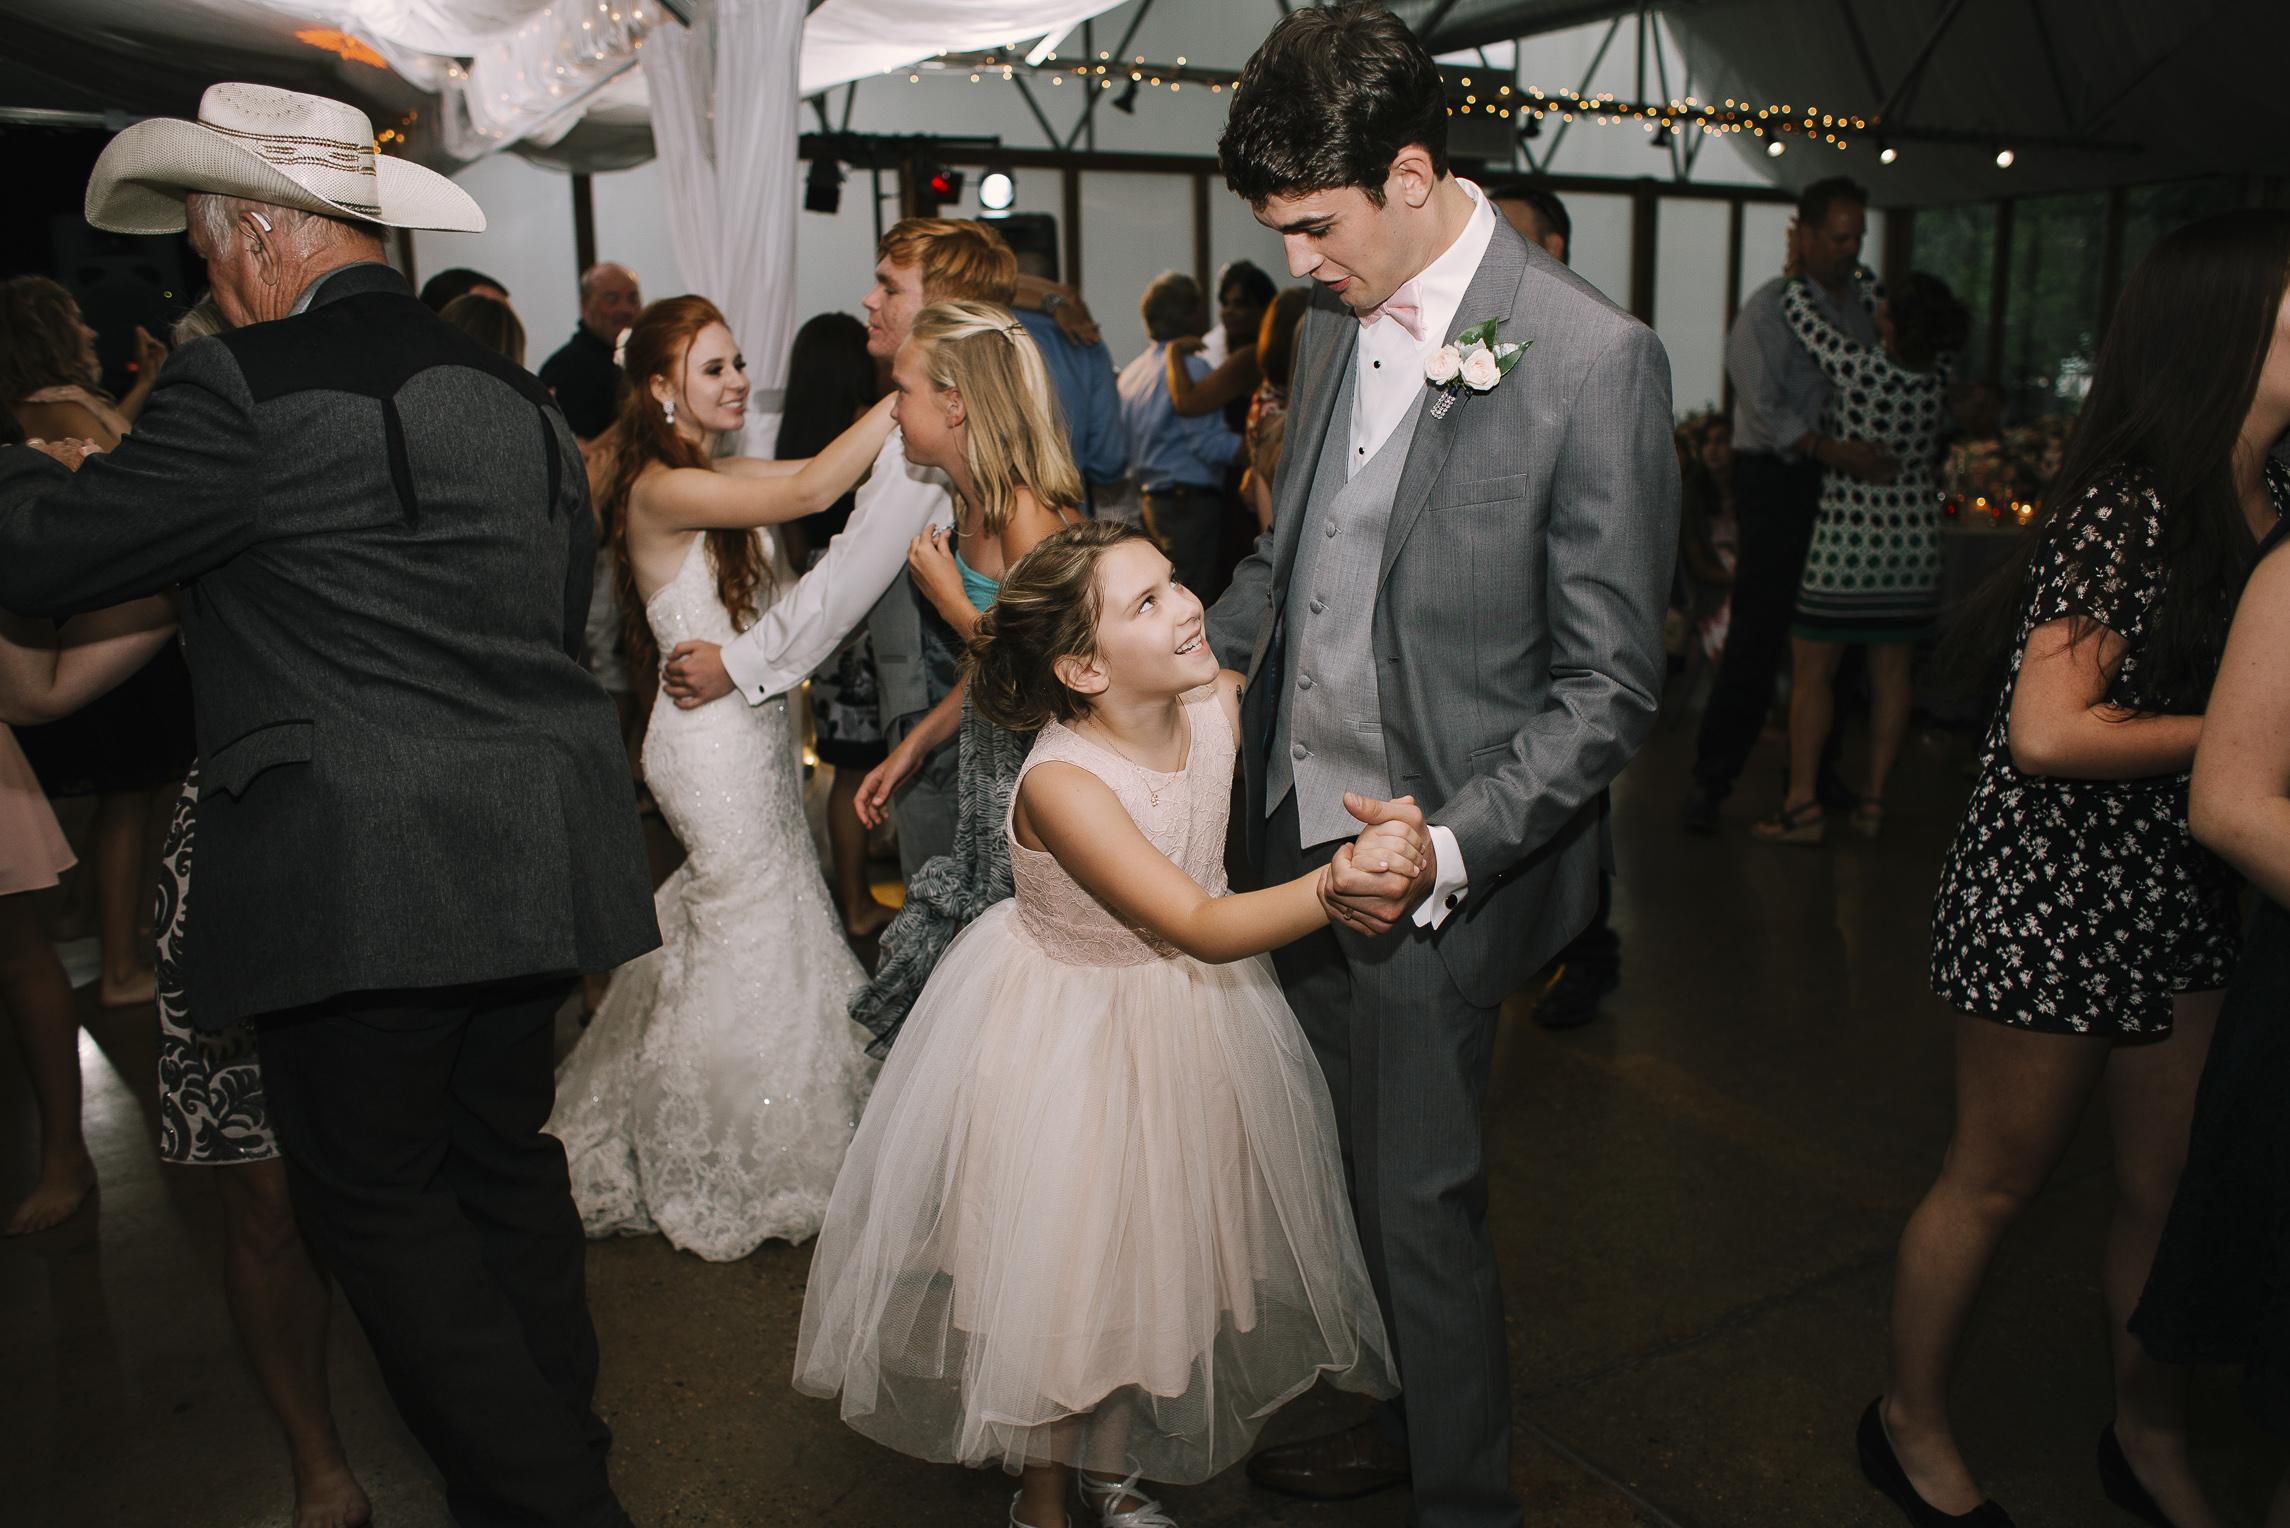 web sized images -- no to print --CALVIN & MCKYLEY WEDDING PHOTOS - COLORADO PHOTOGRAPHER - DEBI RAE PHOTOGRAPHY-2553.jpg